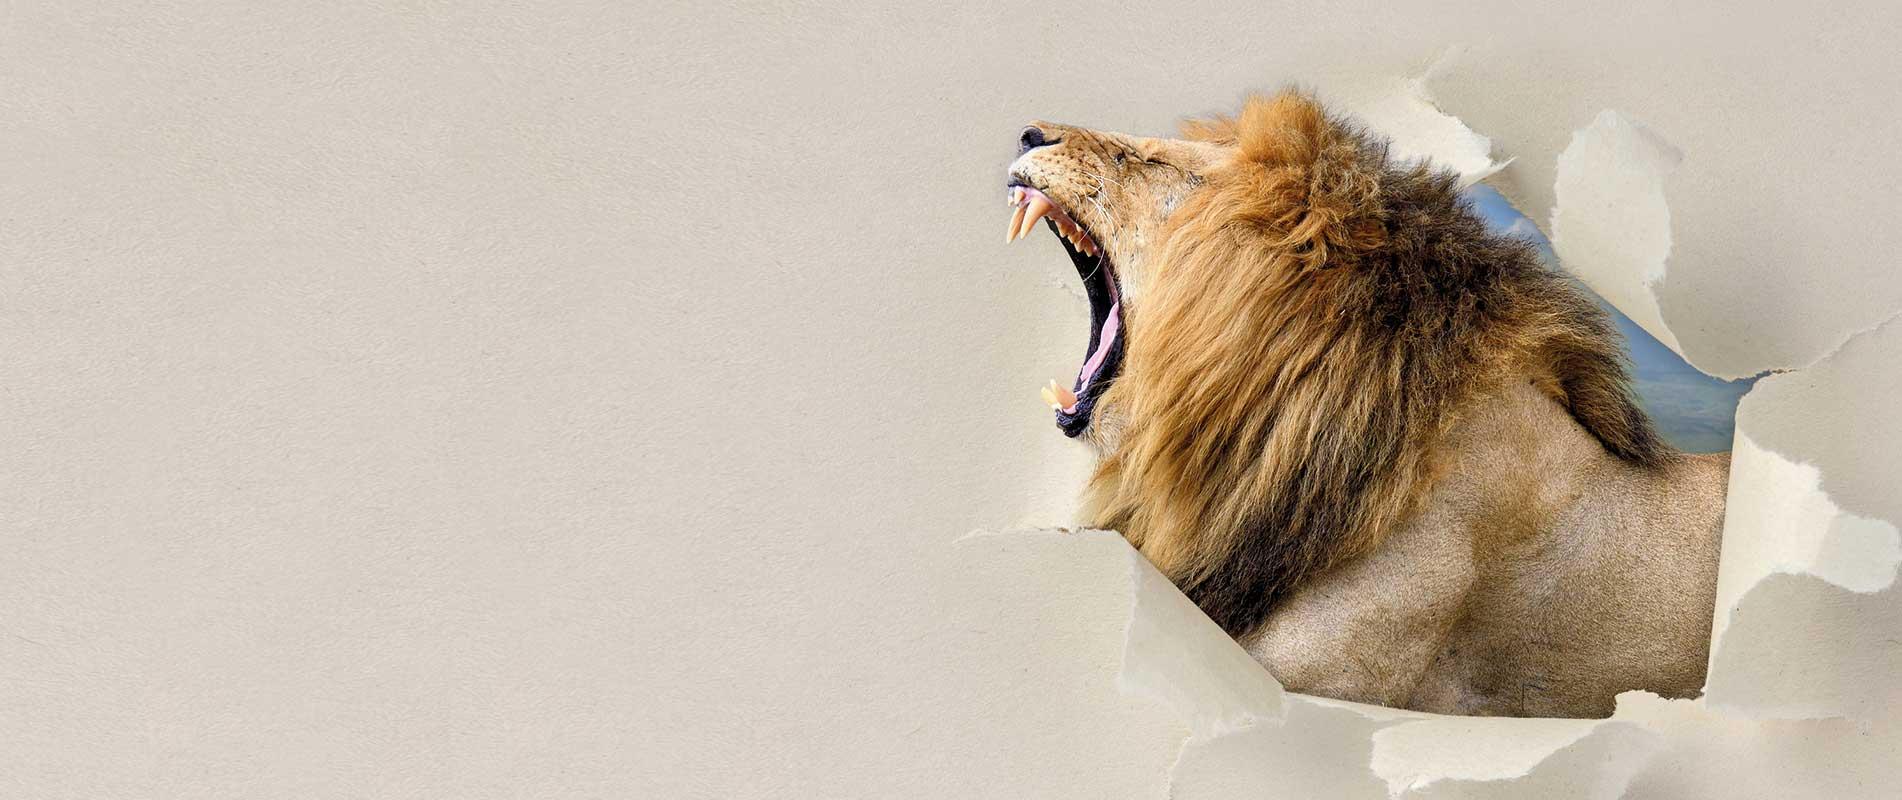 Lion-Cider-Mostschorle-Startseite